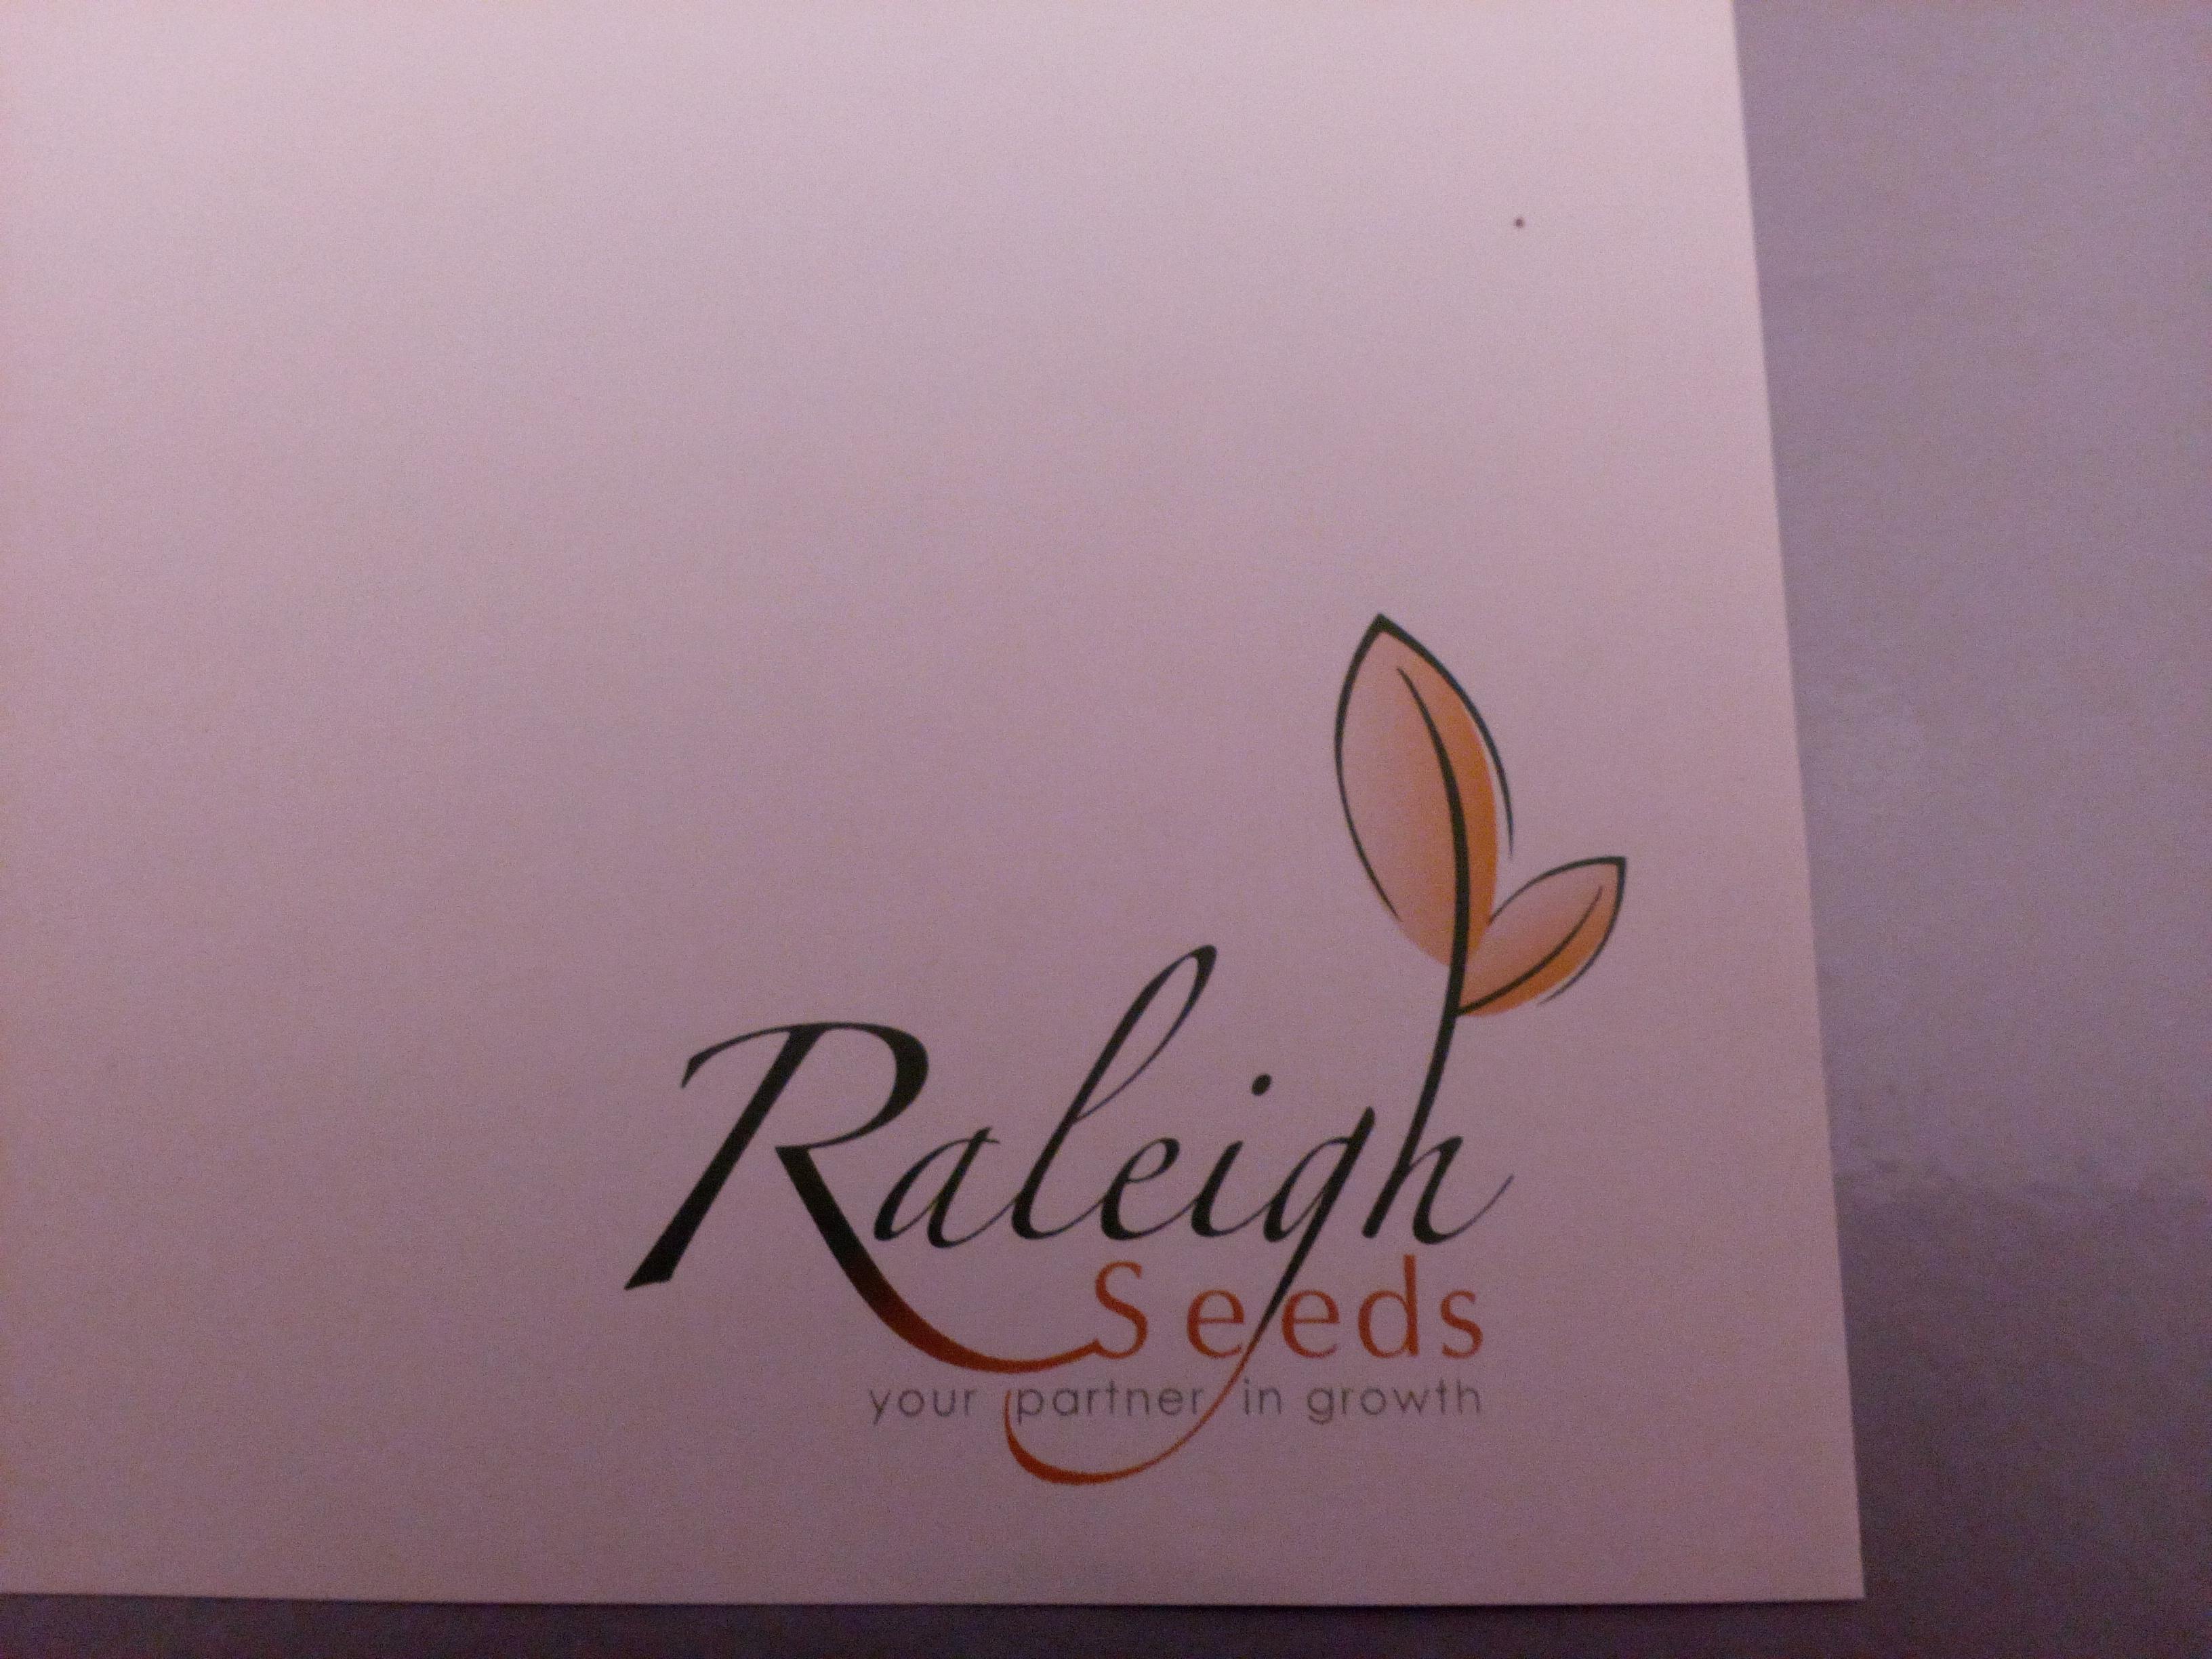 Raleigh Seeds Ltd